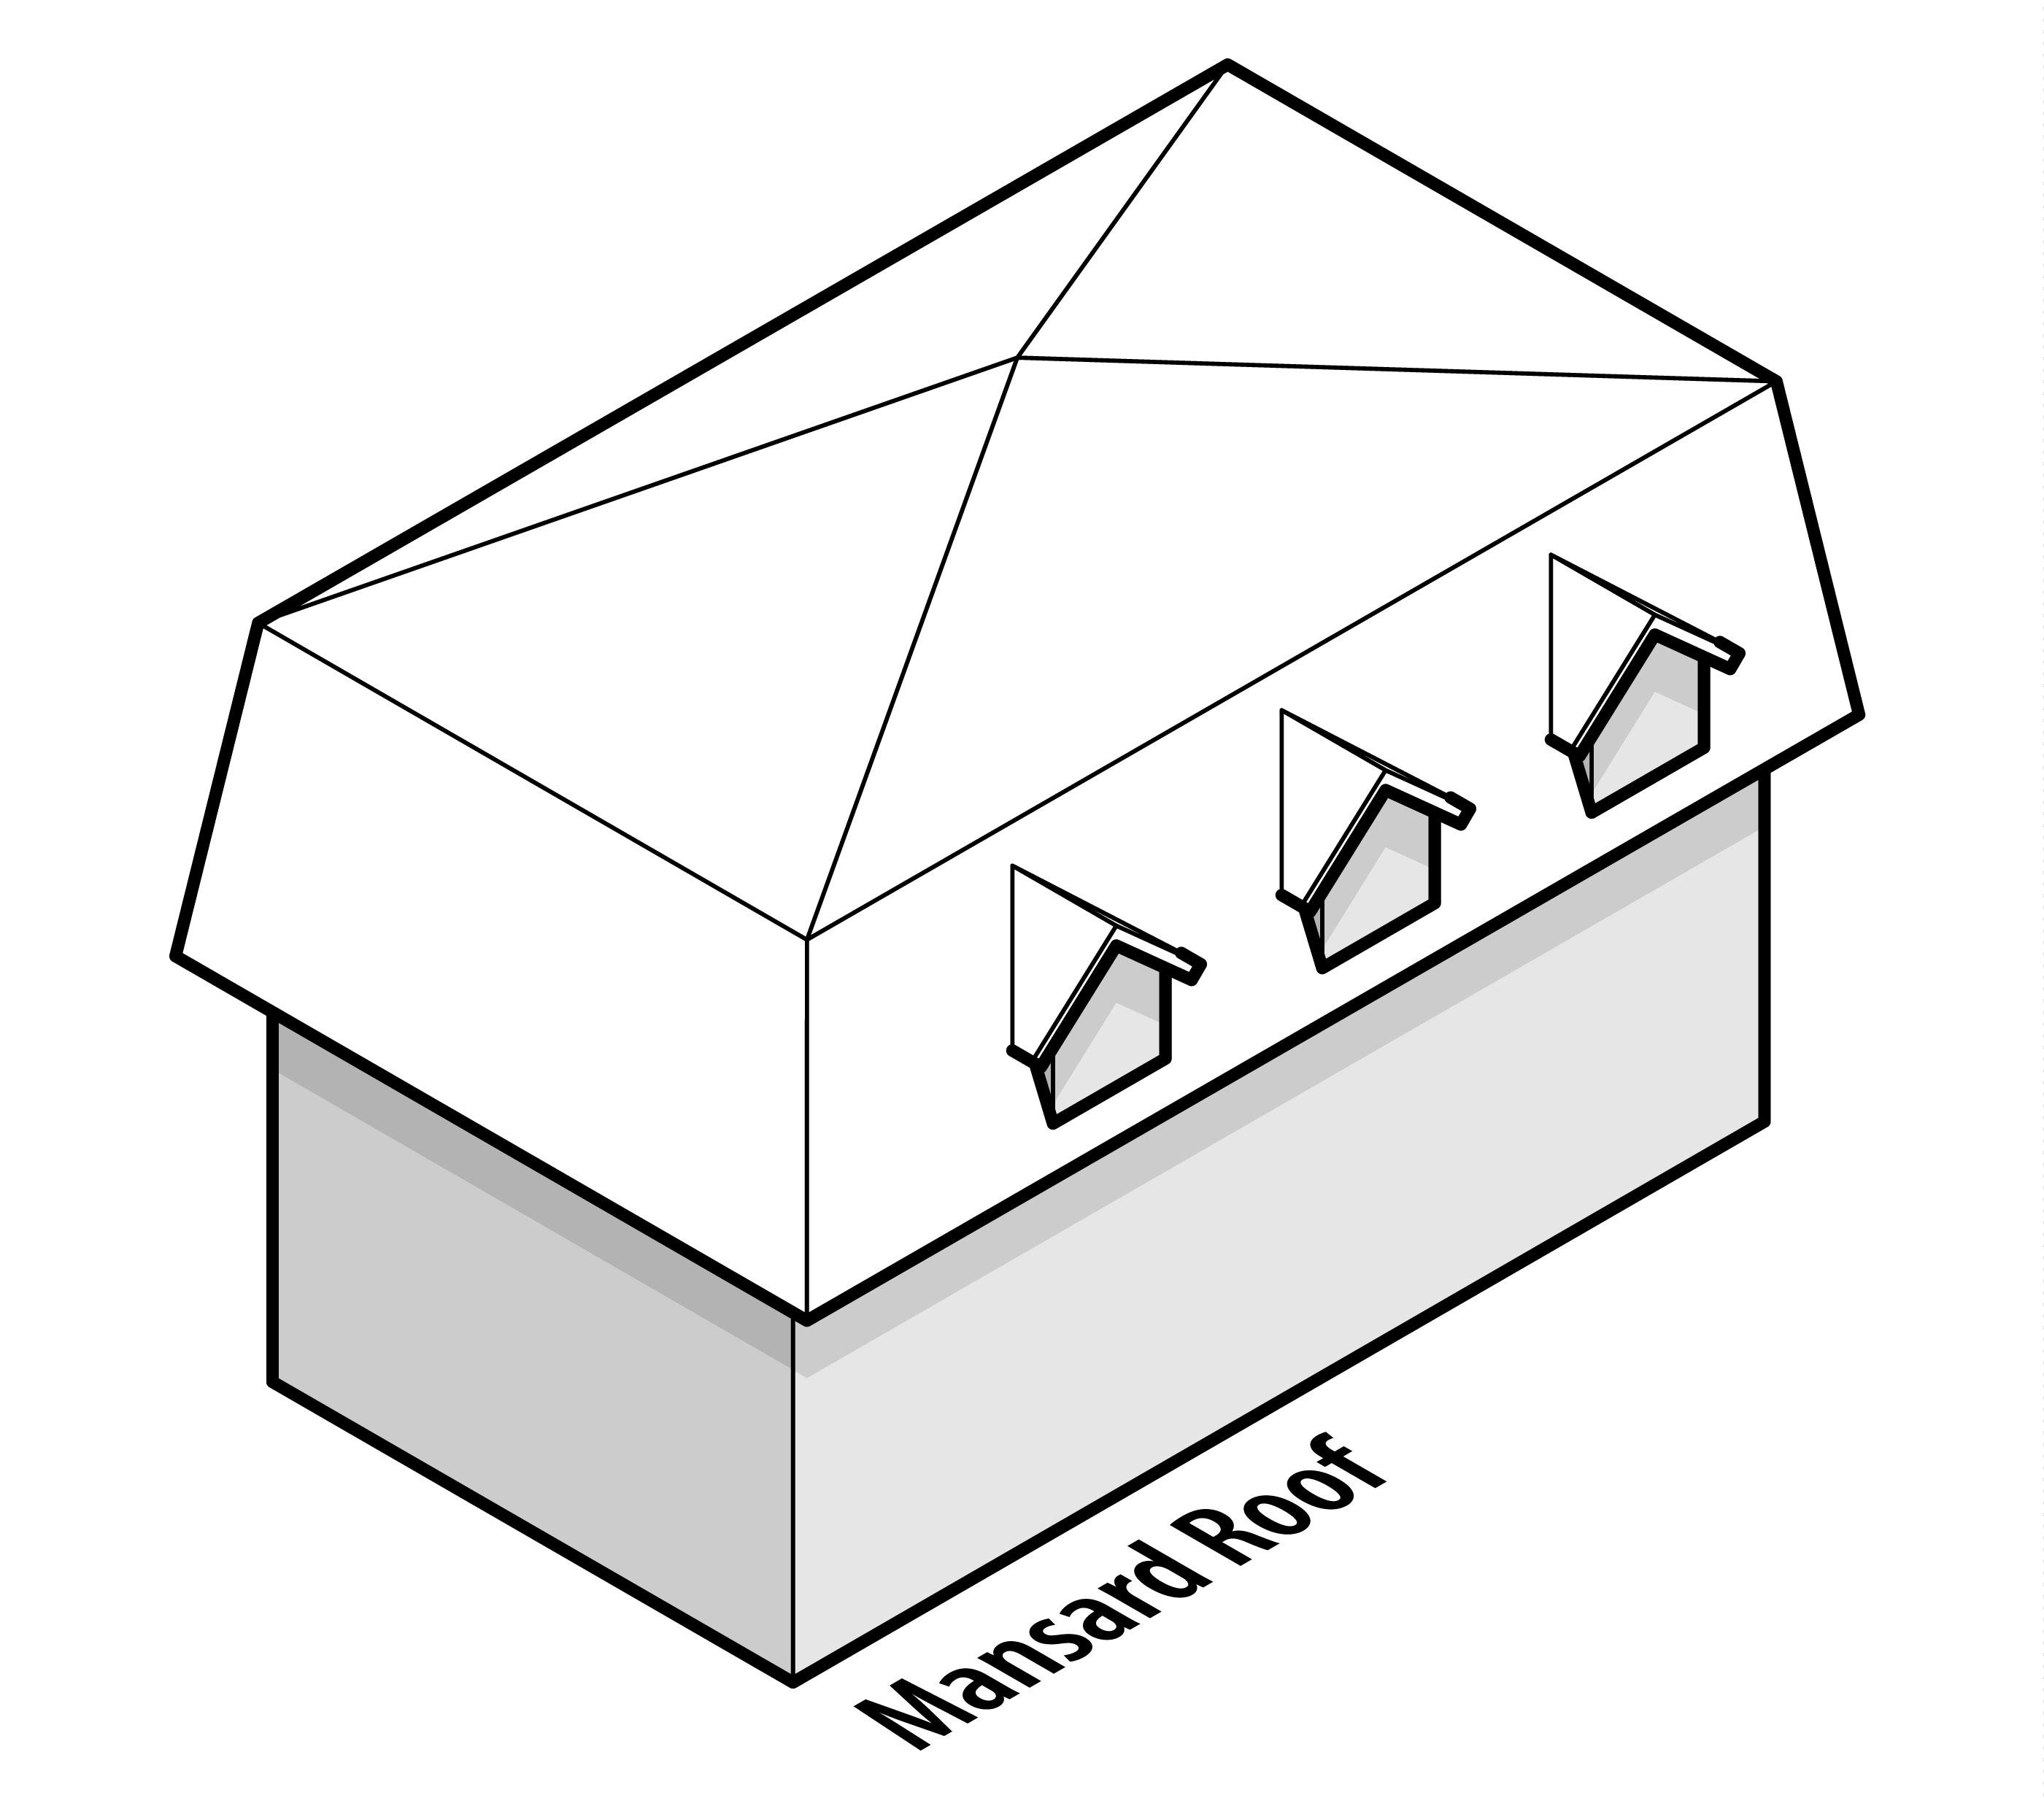 Pyramid Mansard Roof